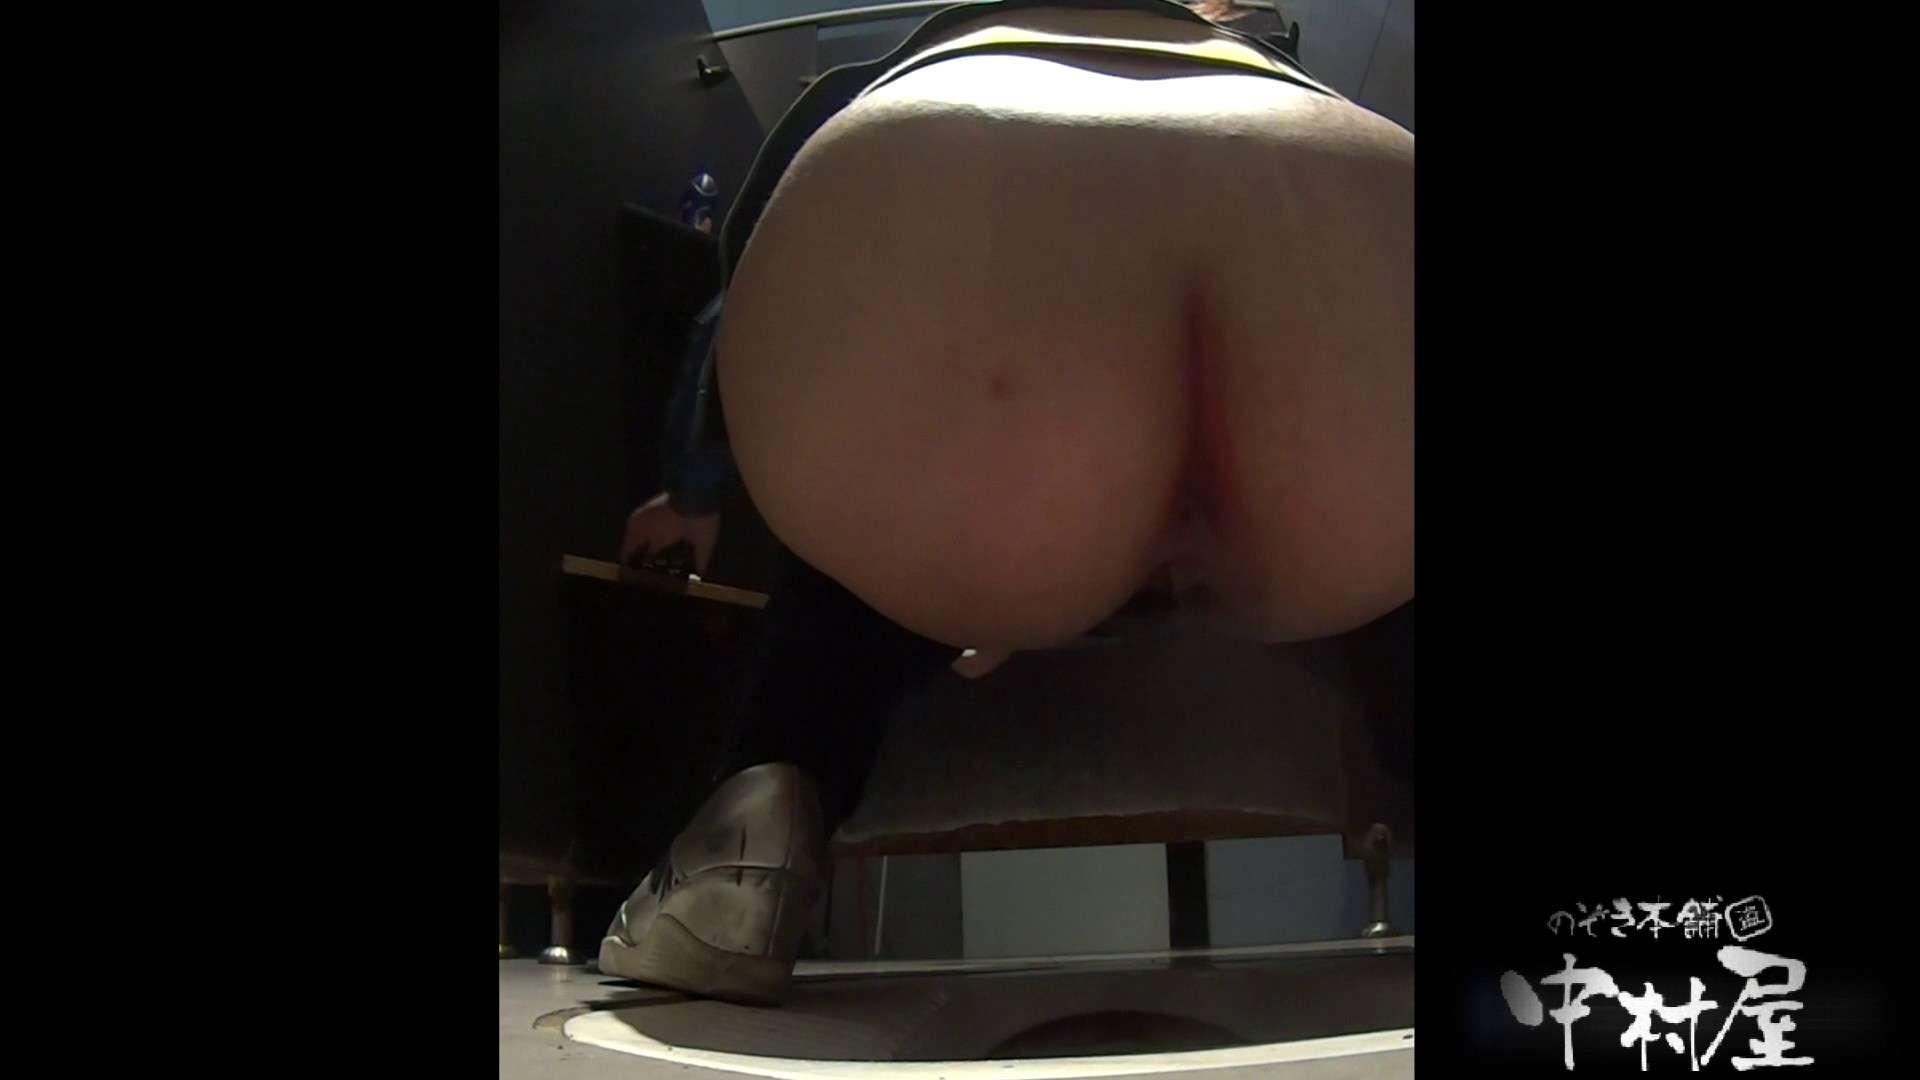 お尻に出来てるオデキがキュート 大学休憩時間の洗面所事情20 美女丸裸  86pic 40